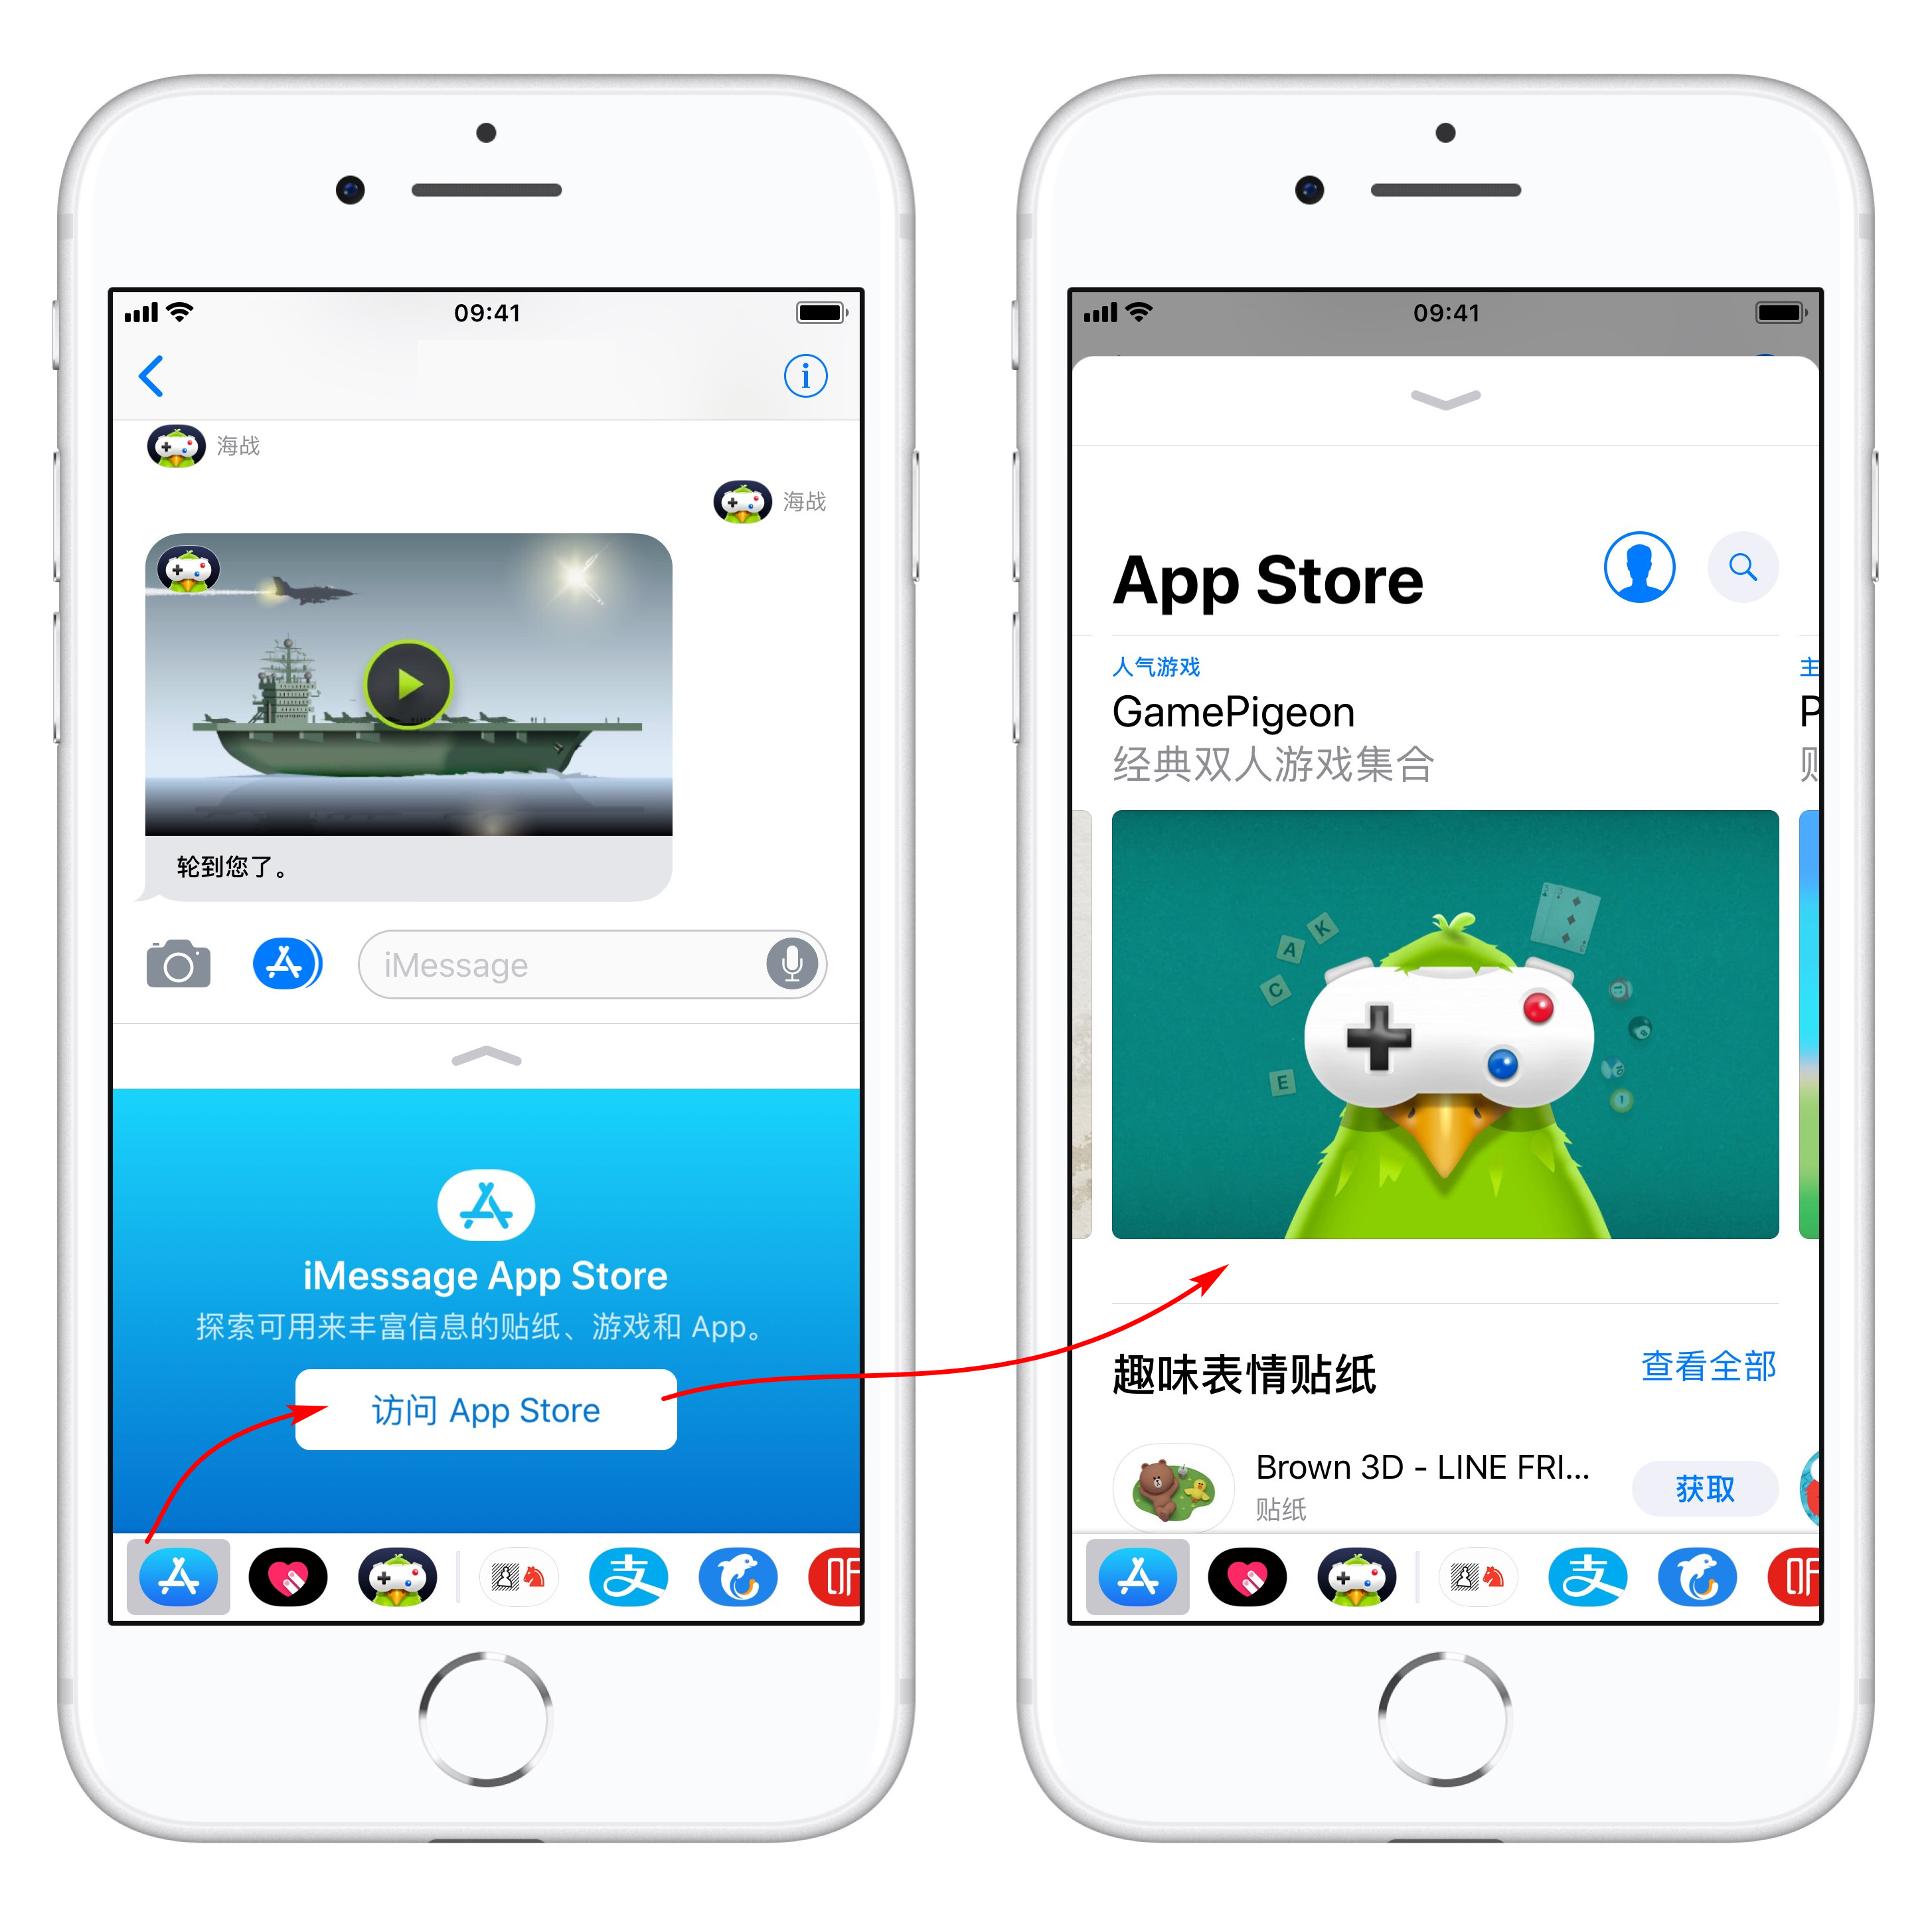 iMessage 新玩法:在短信里和好友玩游戏